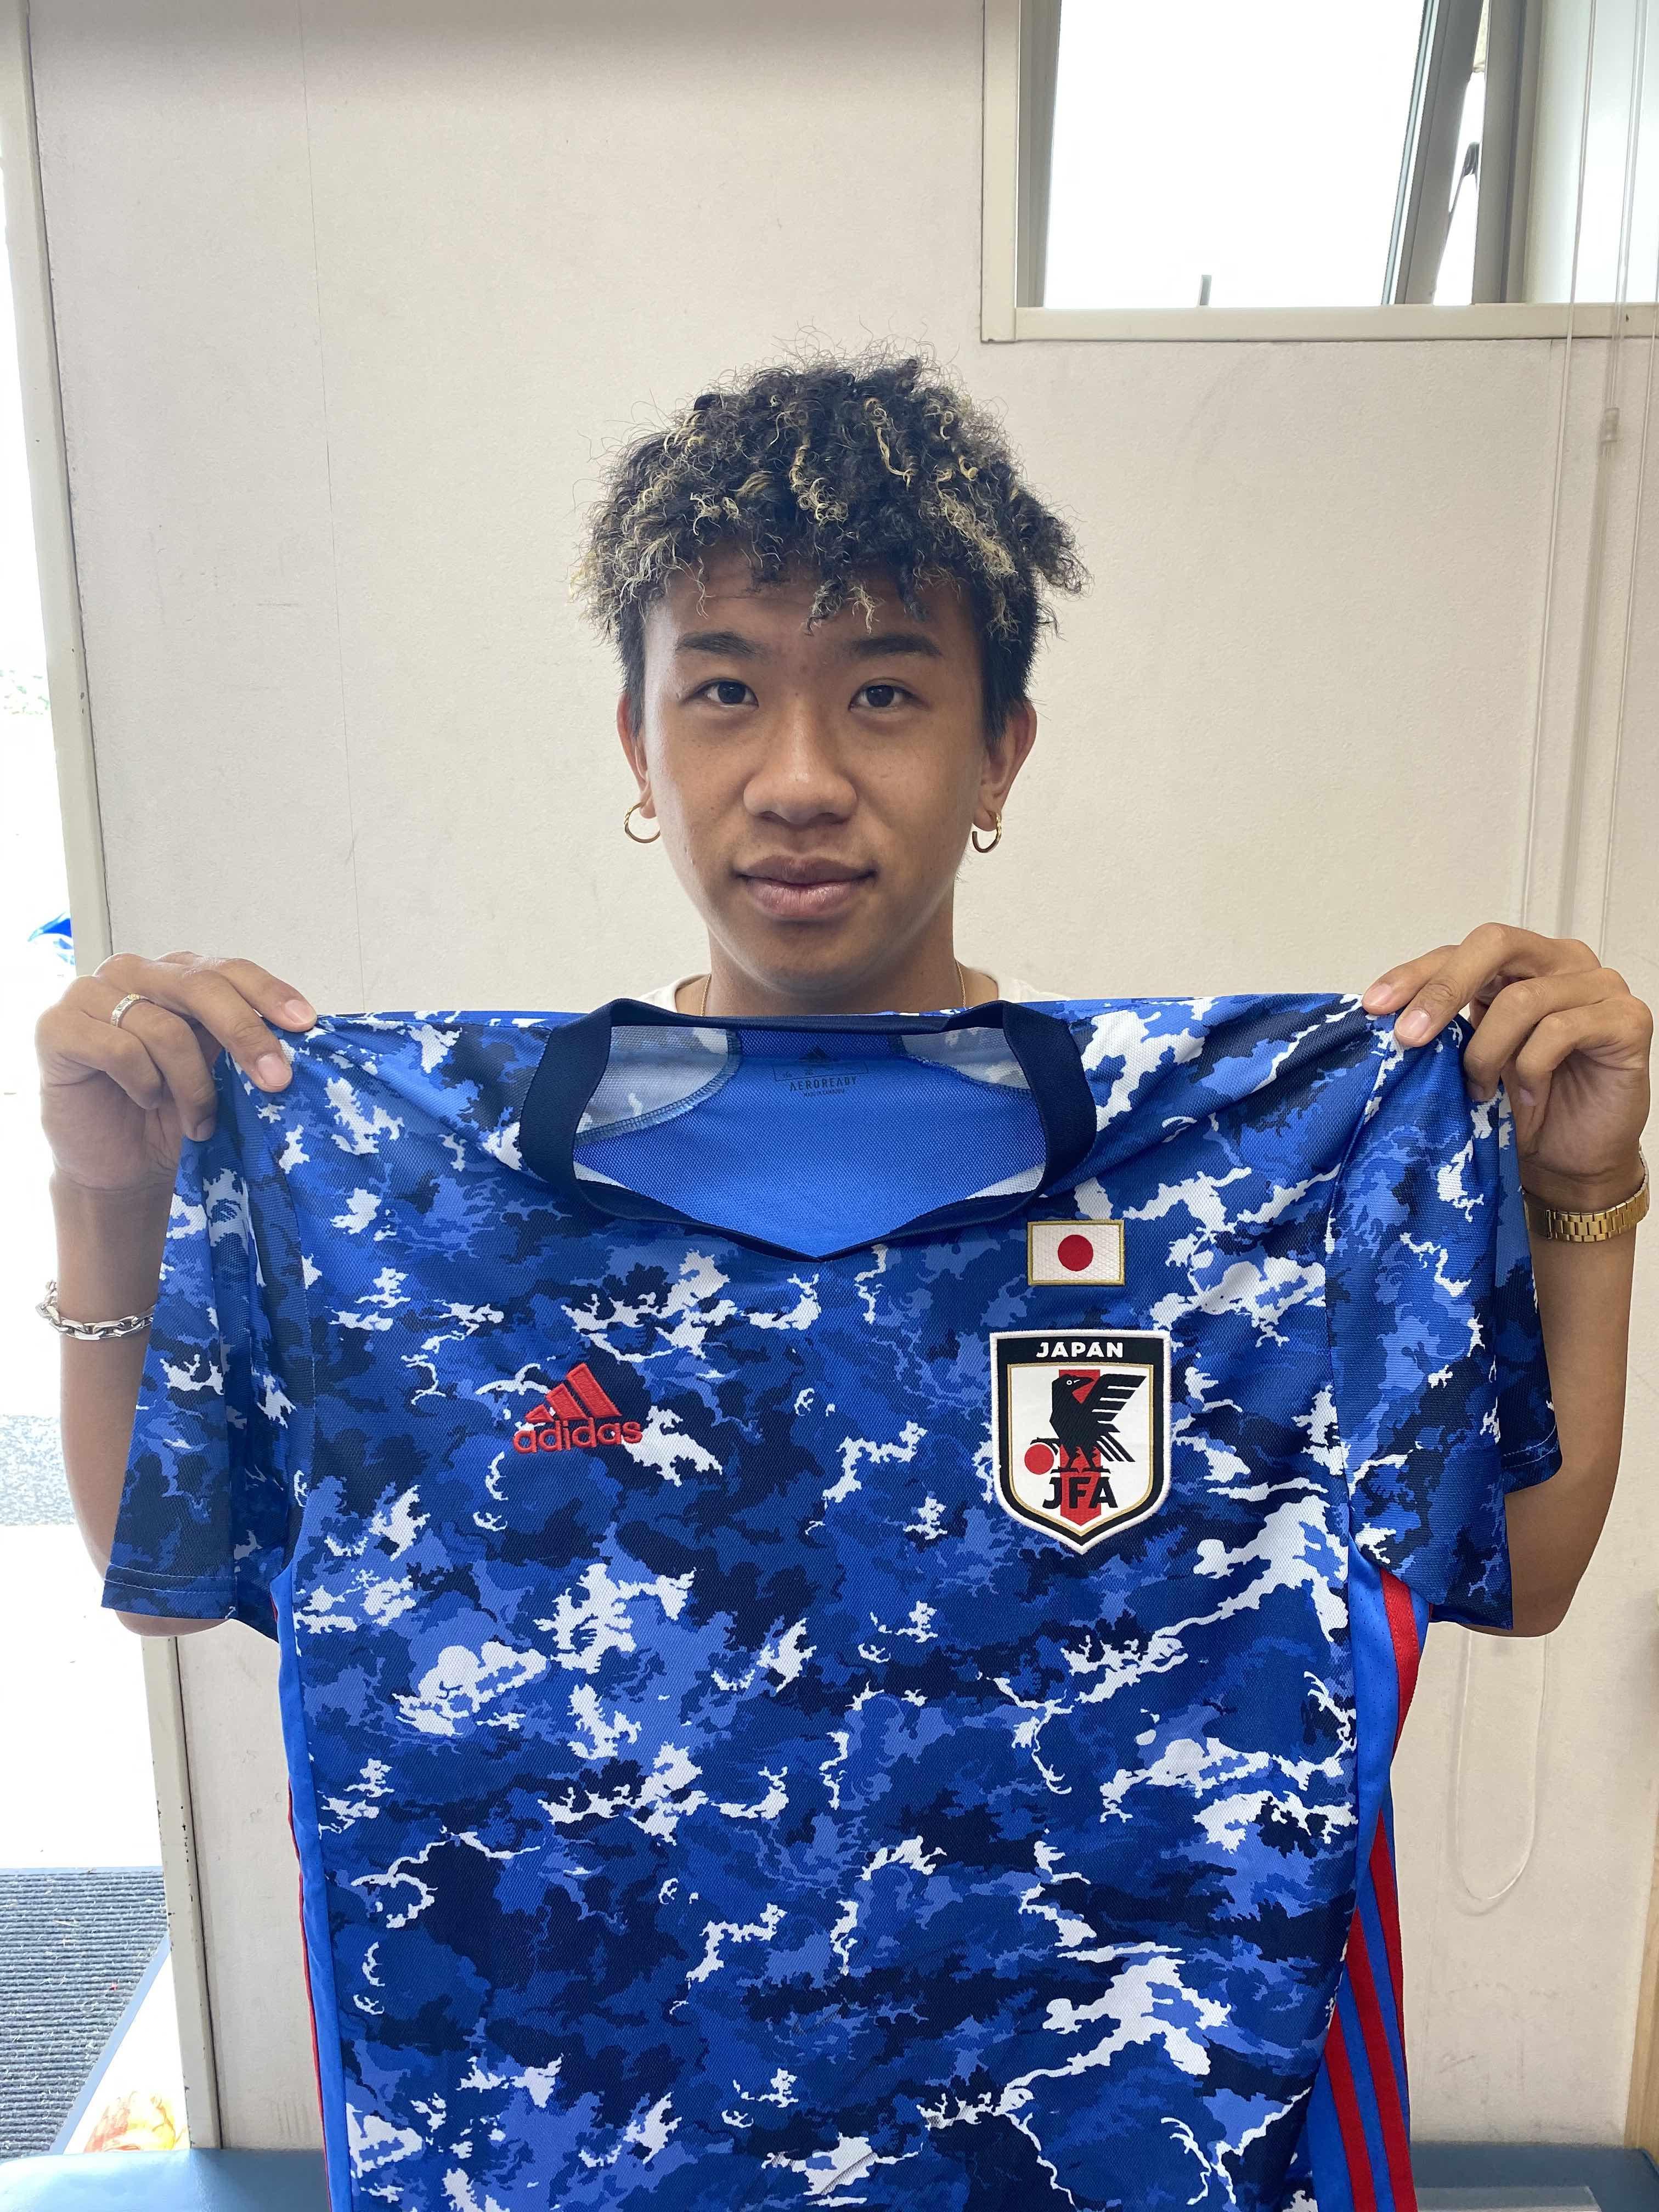 【直筆サイン入り公式】U-23日本代表 初瀬 亮 選手(ヴィッセル神戸)